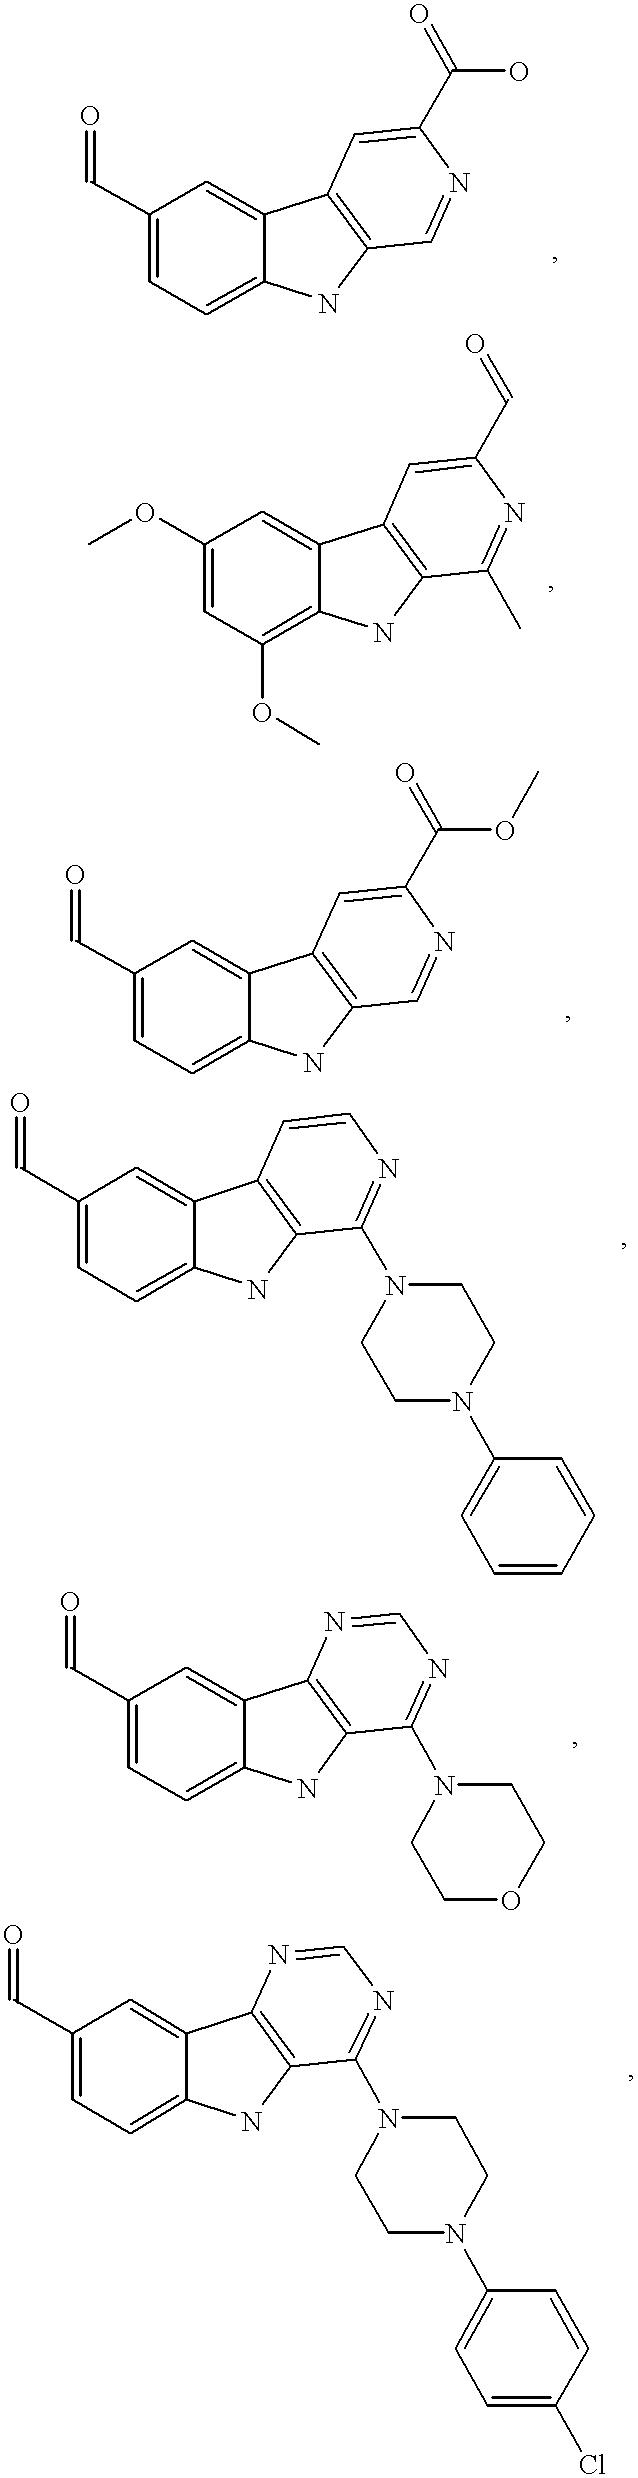 Figure US06514981-20030204-C00067